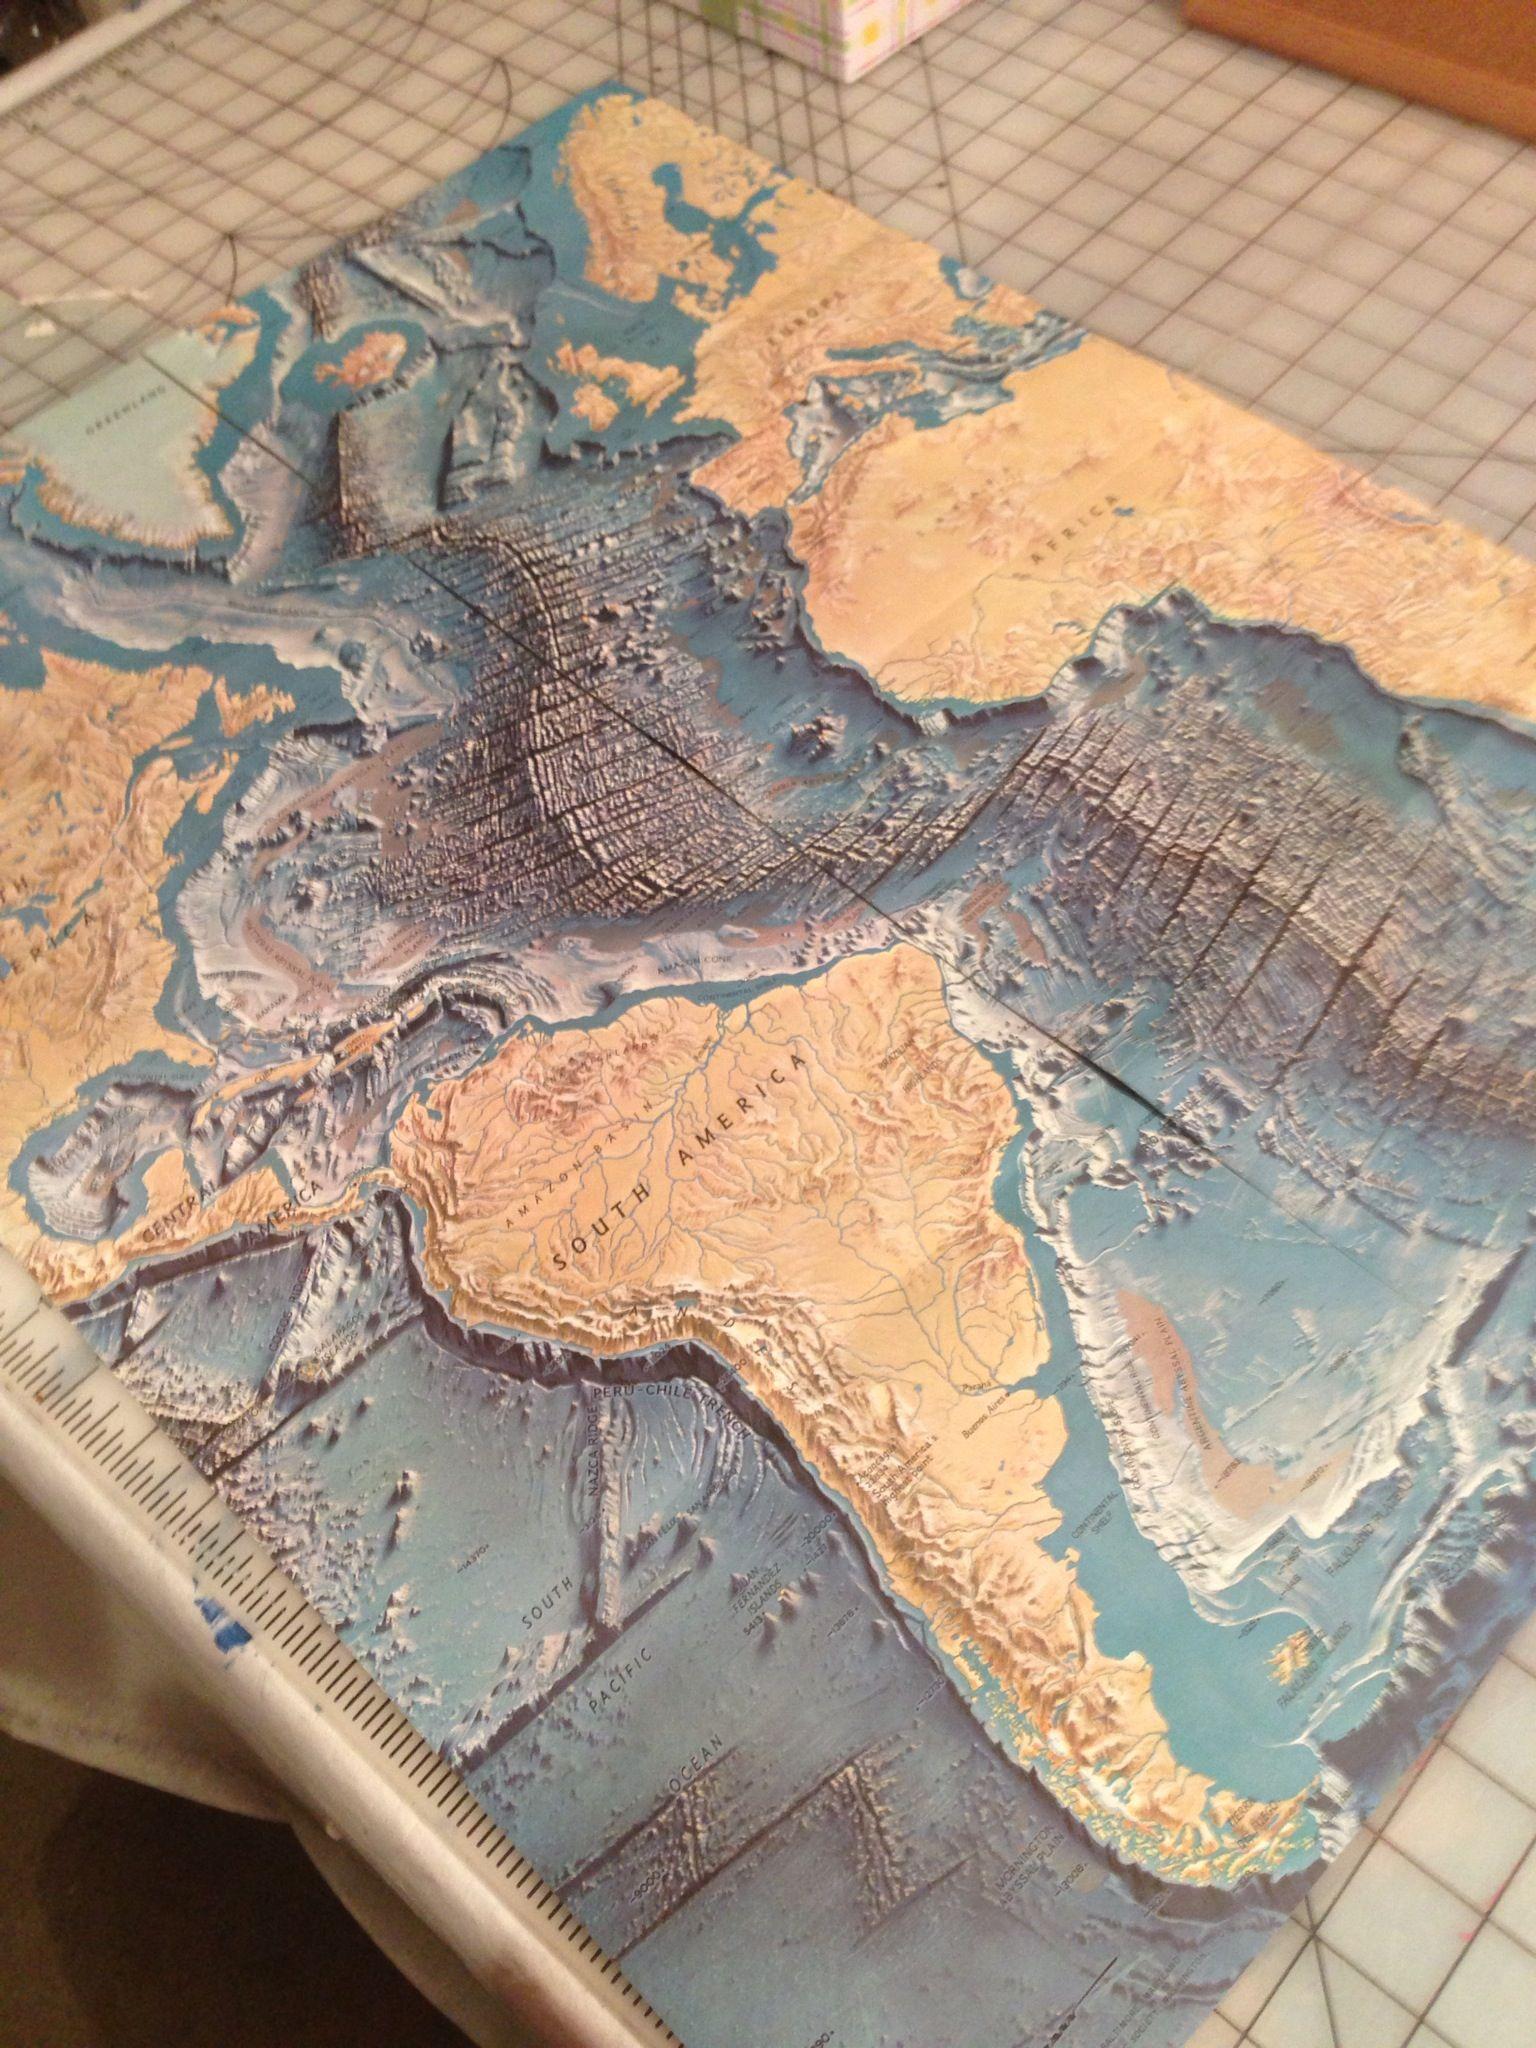 The Ocean: Marine Science